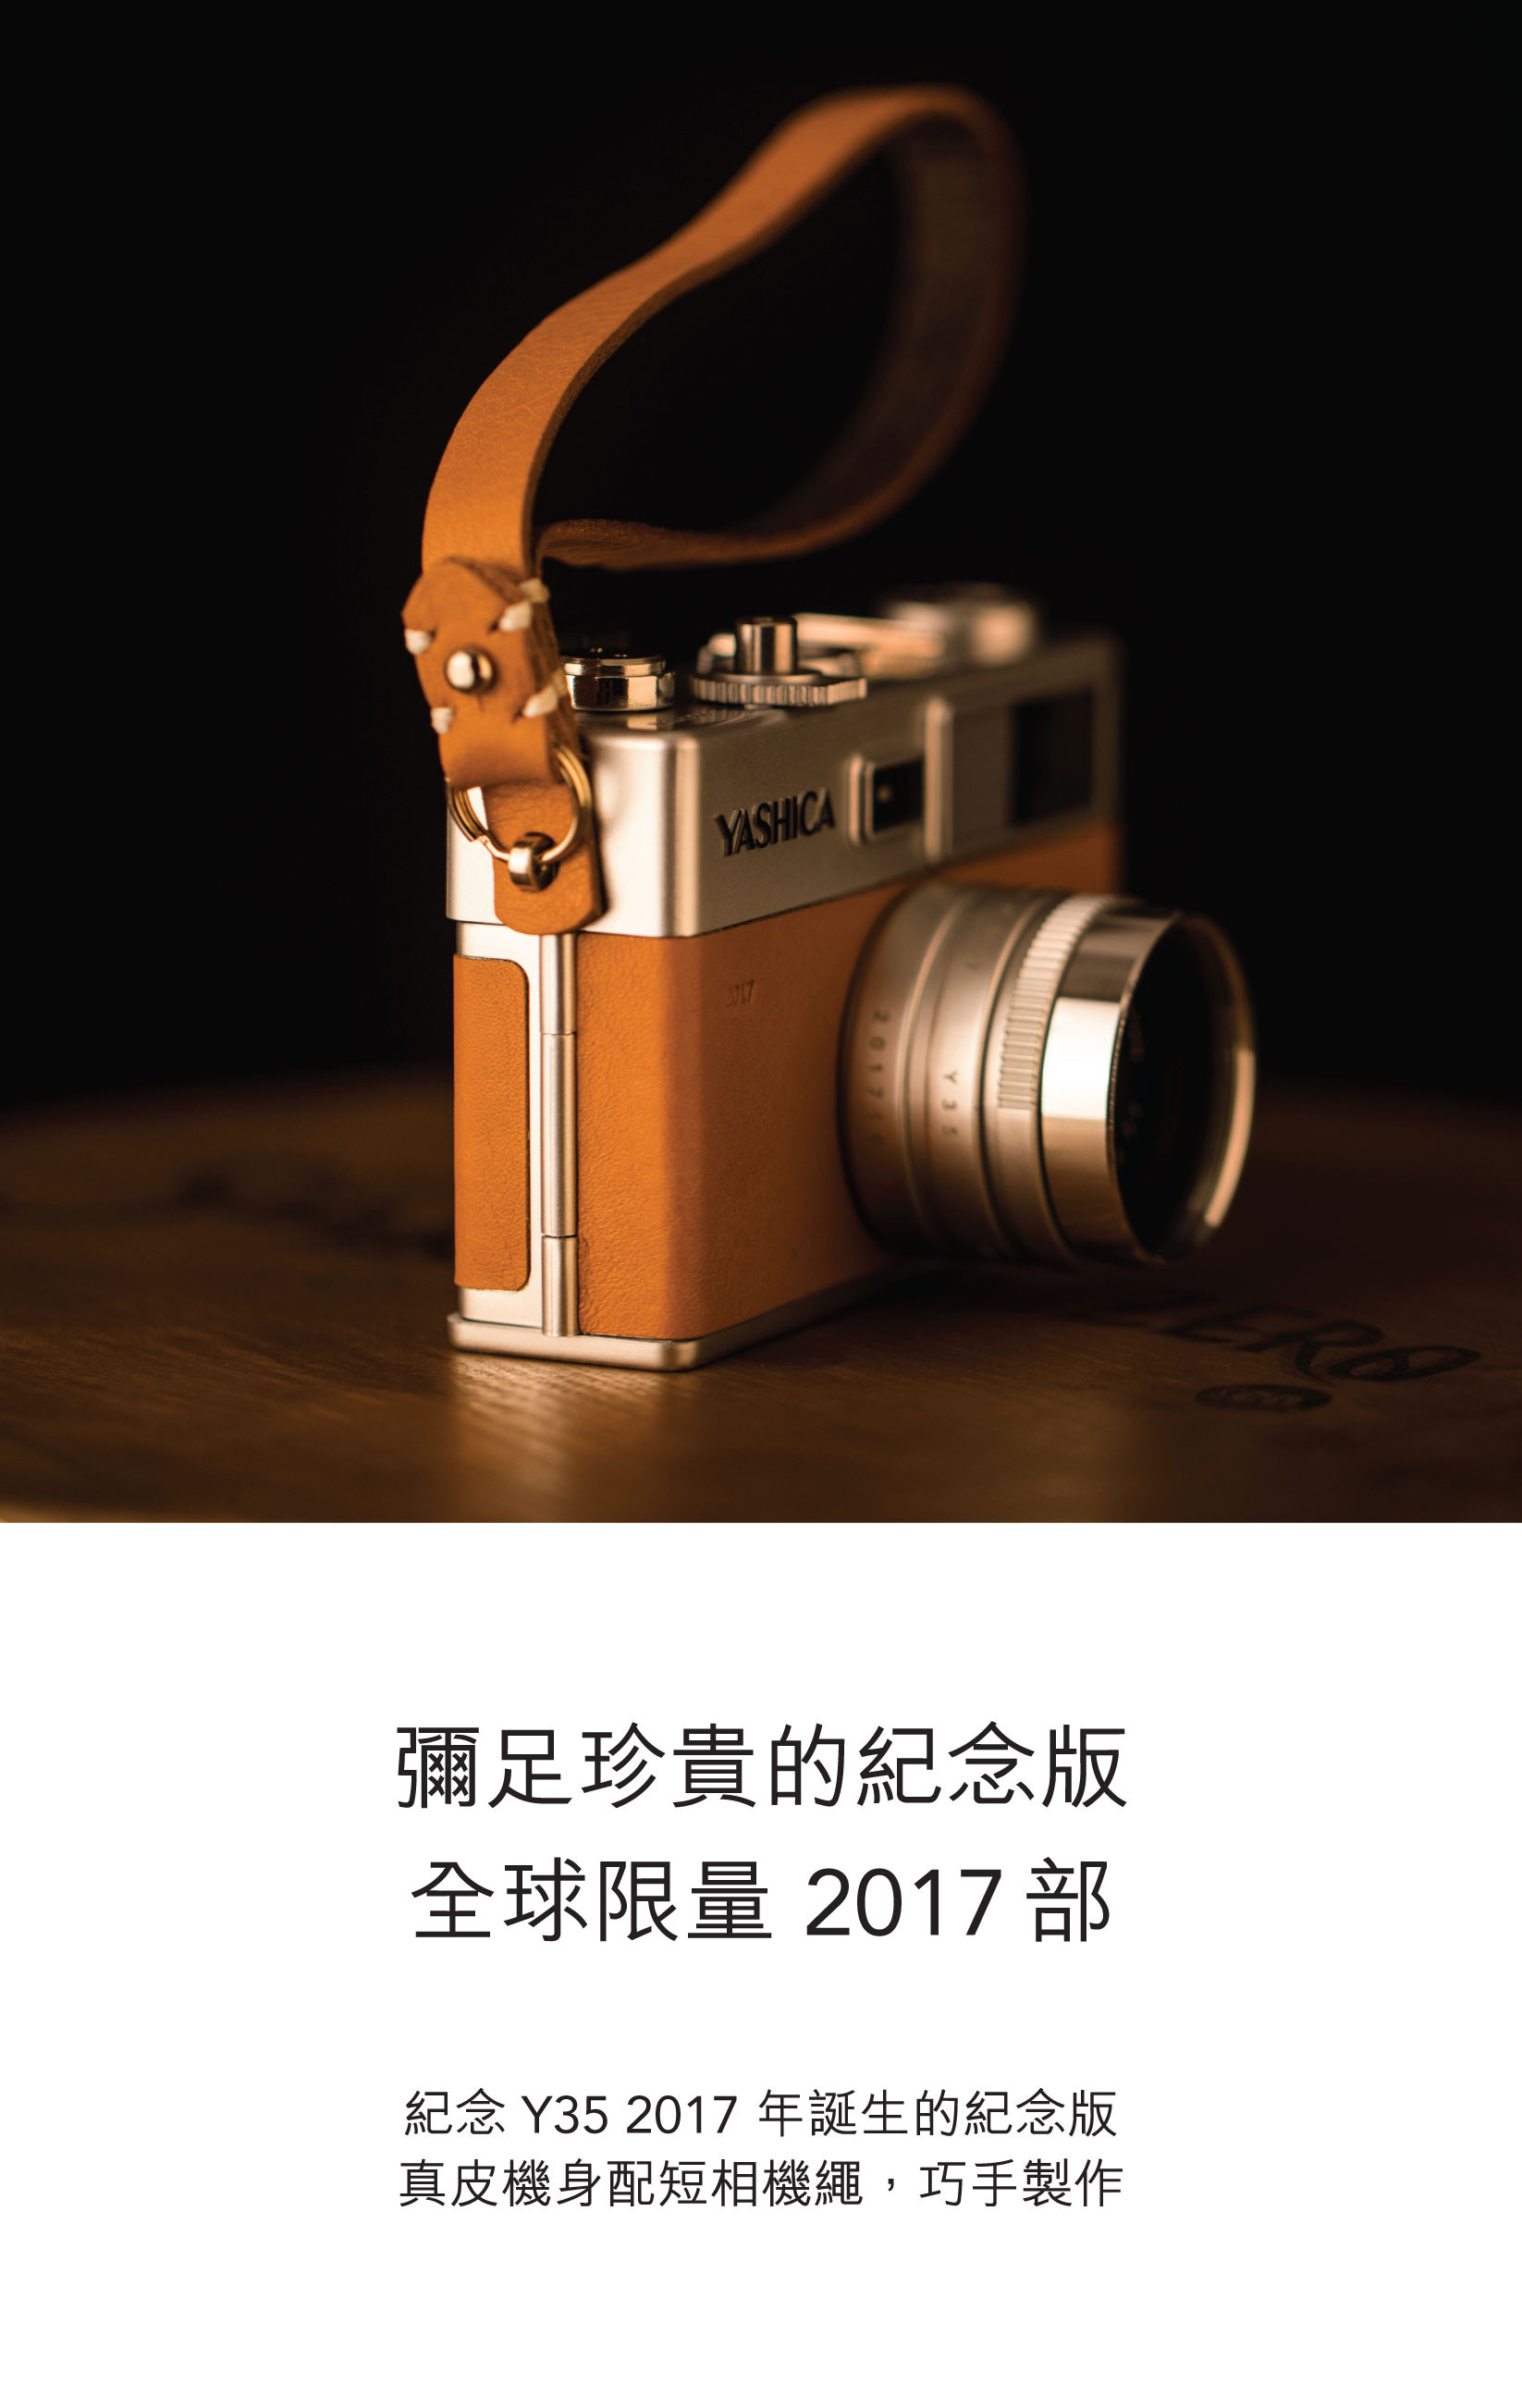 JD-Y35-HK_part-1-23.jpg